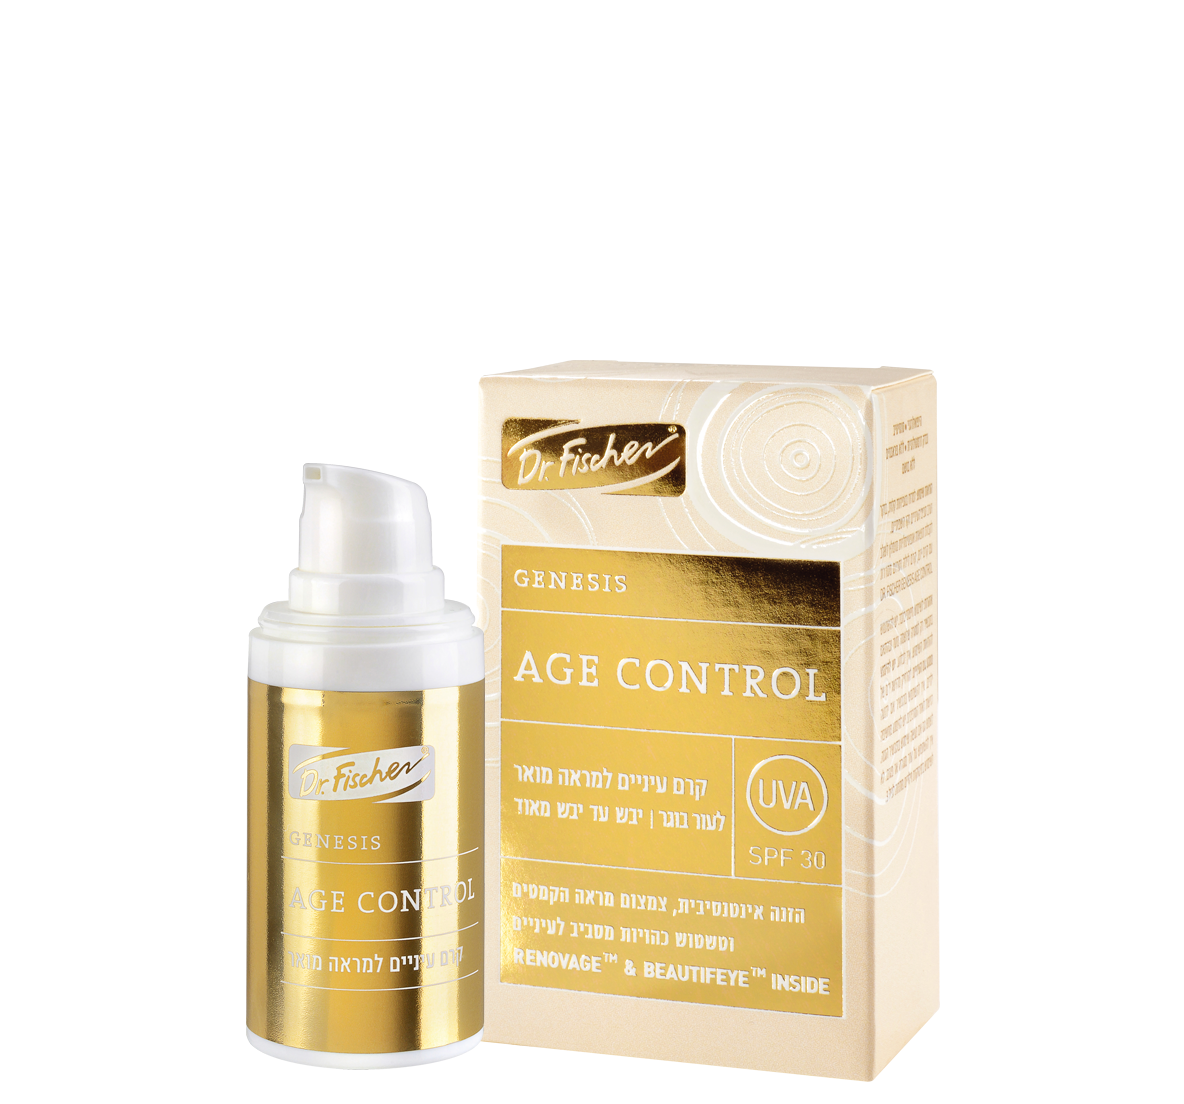 E_Age-Control_eye-cream_1184x1104